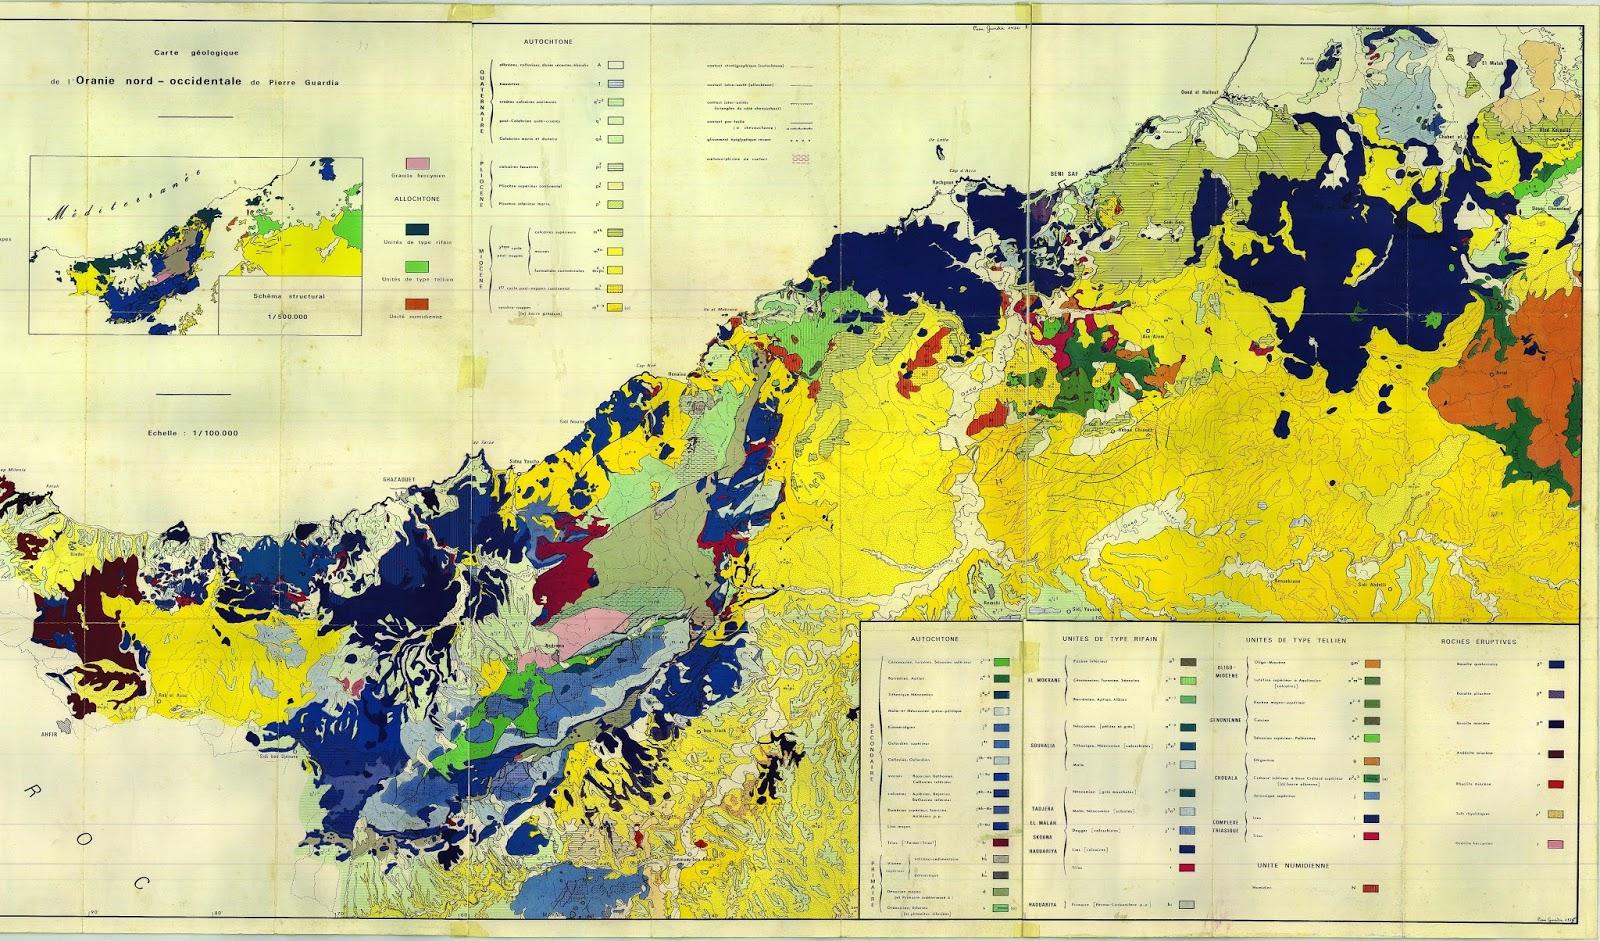 Carte Geologique De Lalgerie Du Nord.Decouverte